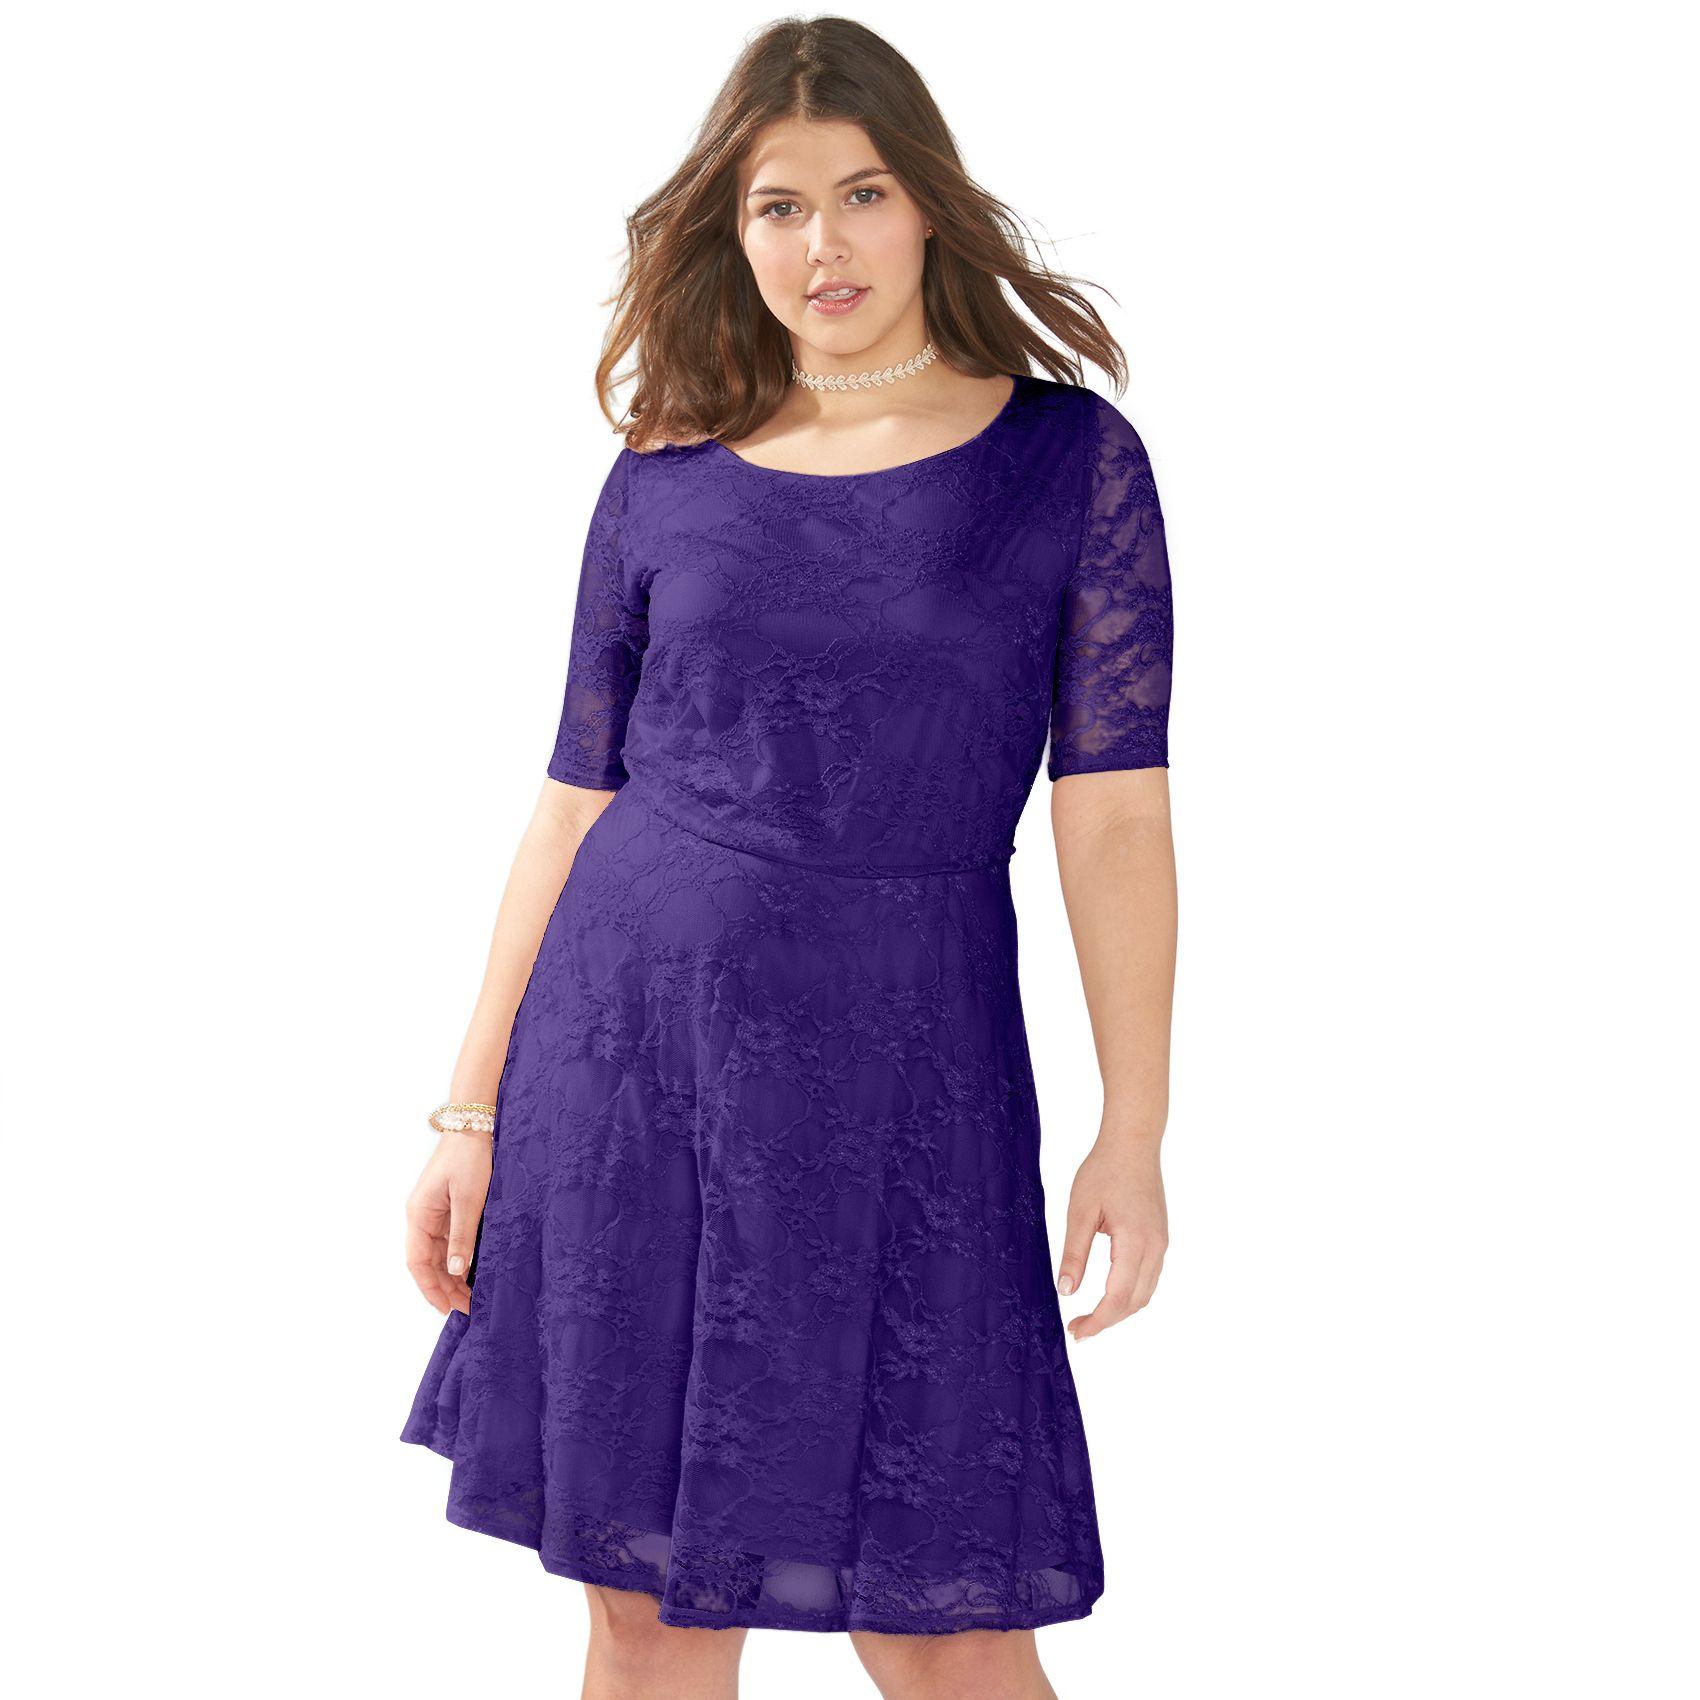 Juniorsu0027 Plus Size Wrapper Lace A Line Dress